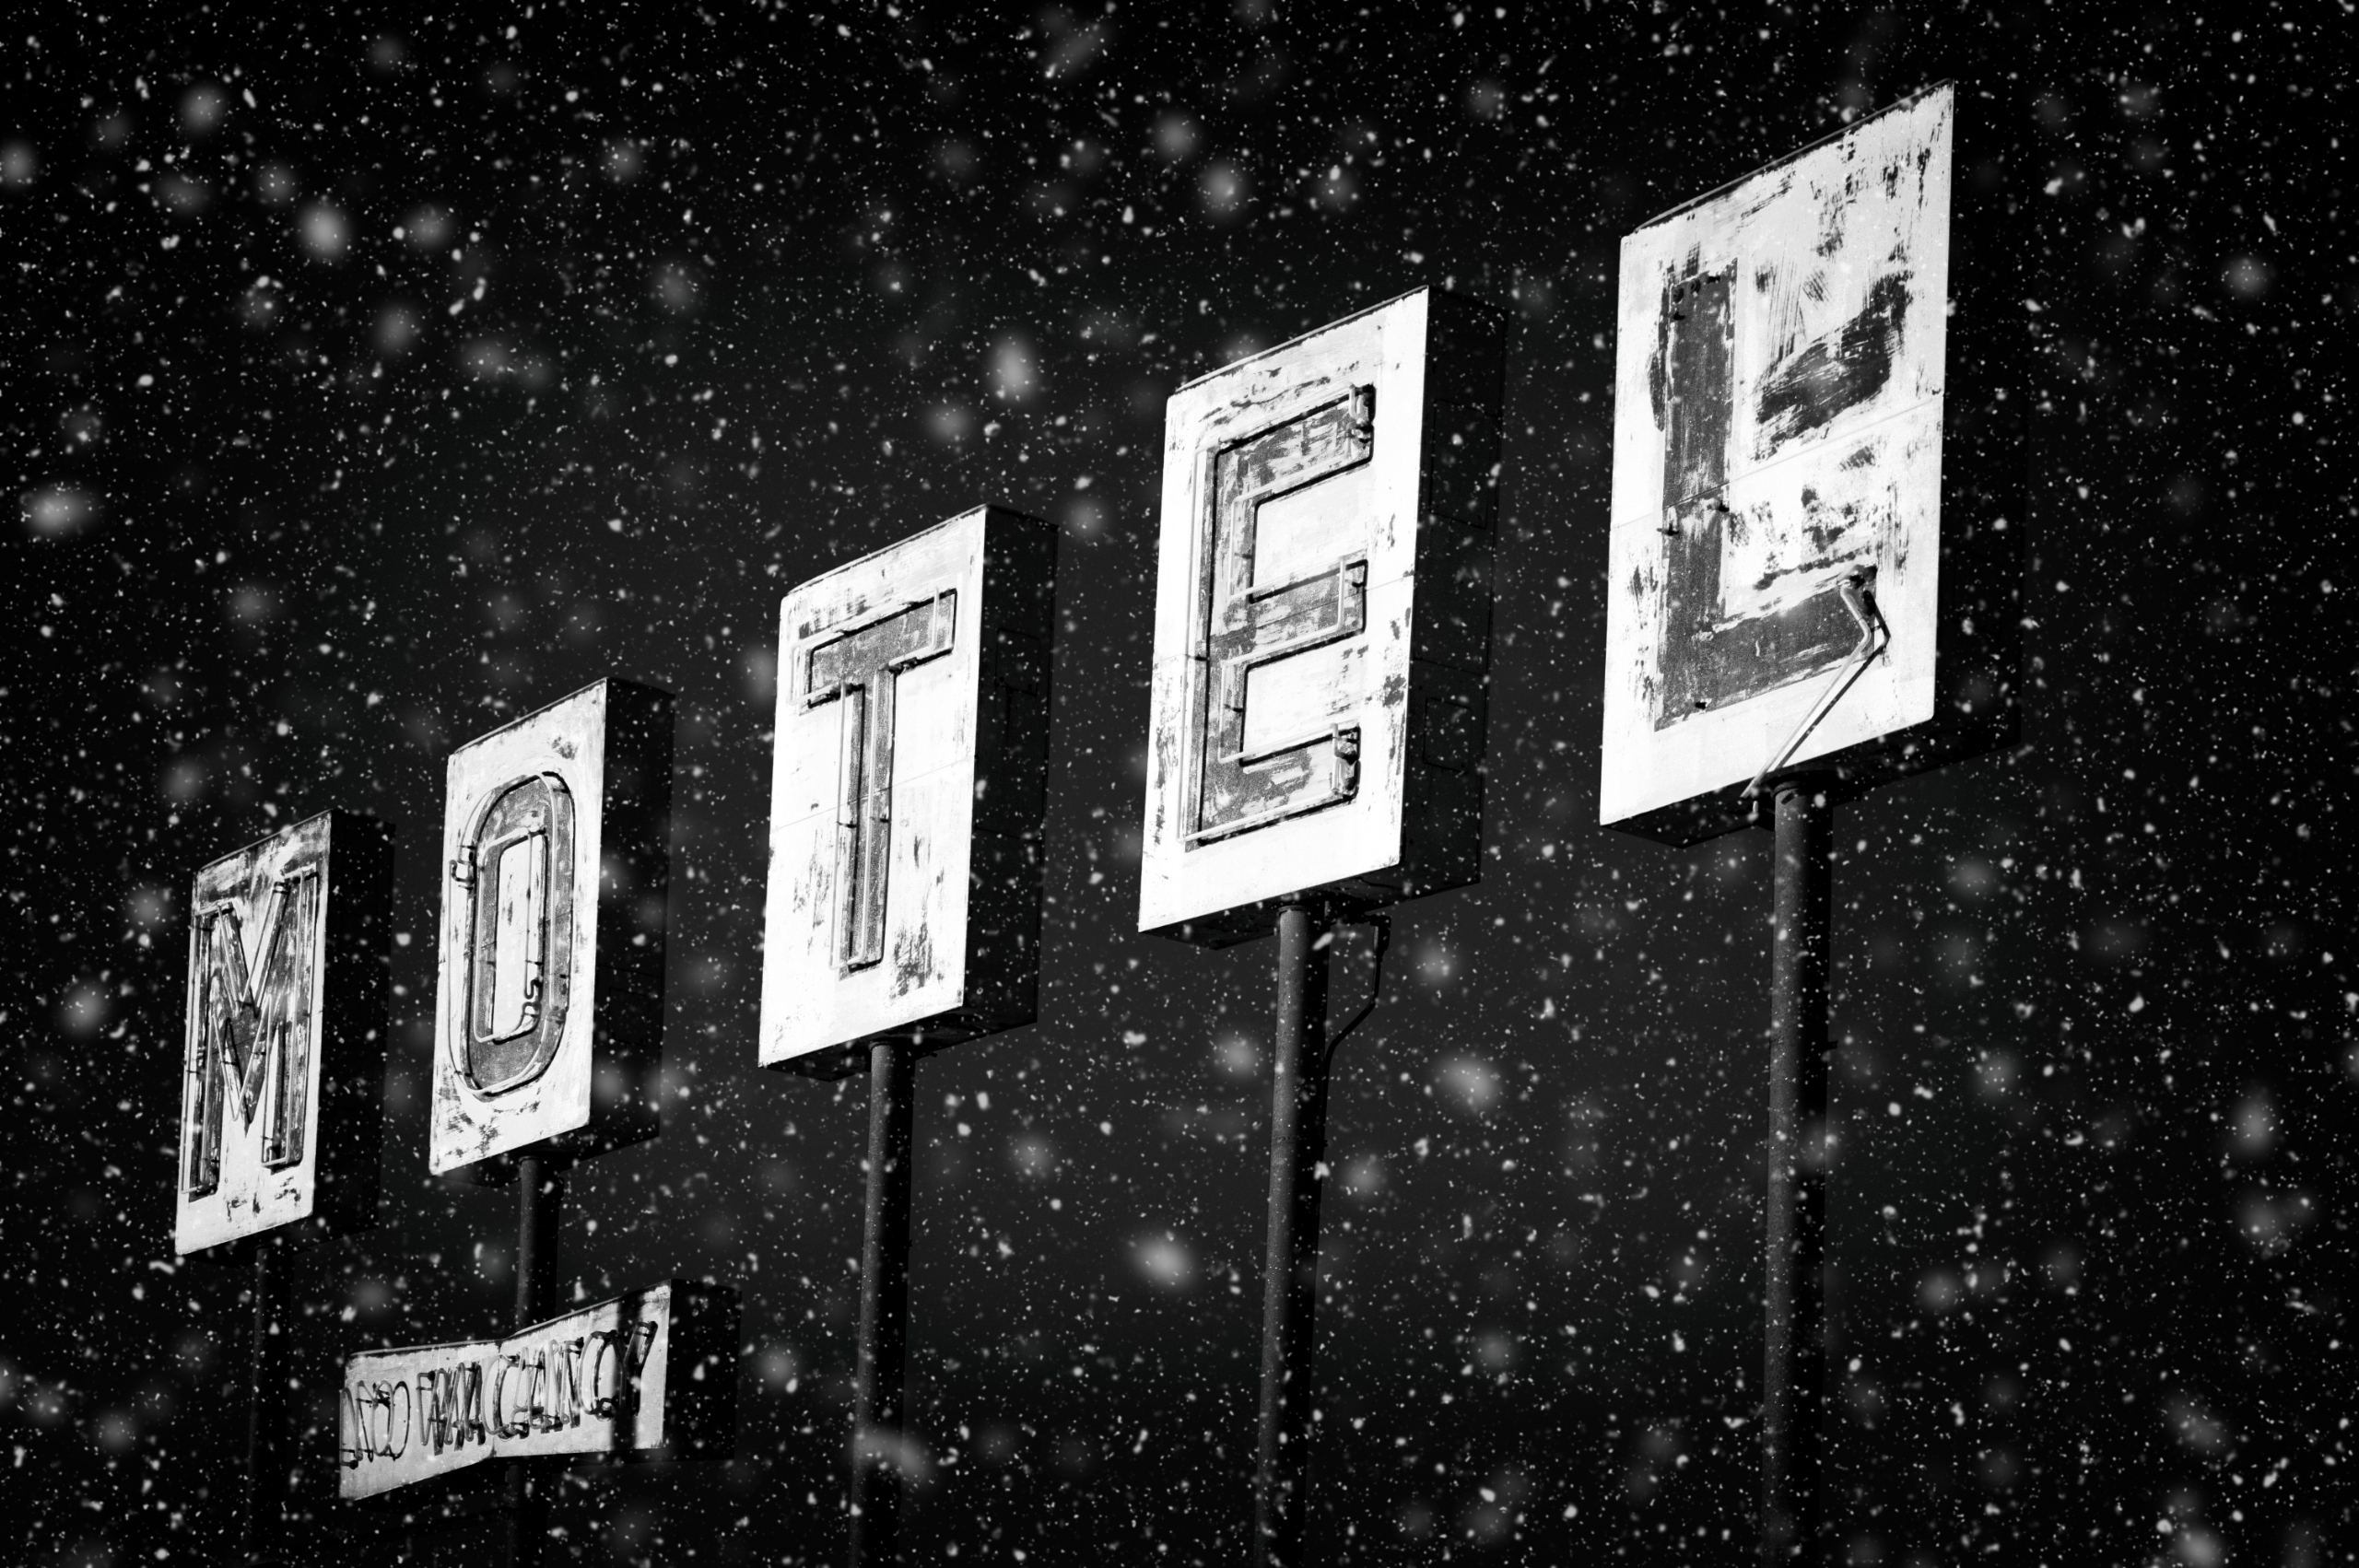 Room Inn - monochrome, elloblackandwhitephotography - jeff_day | ello